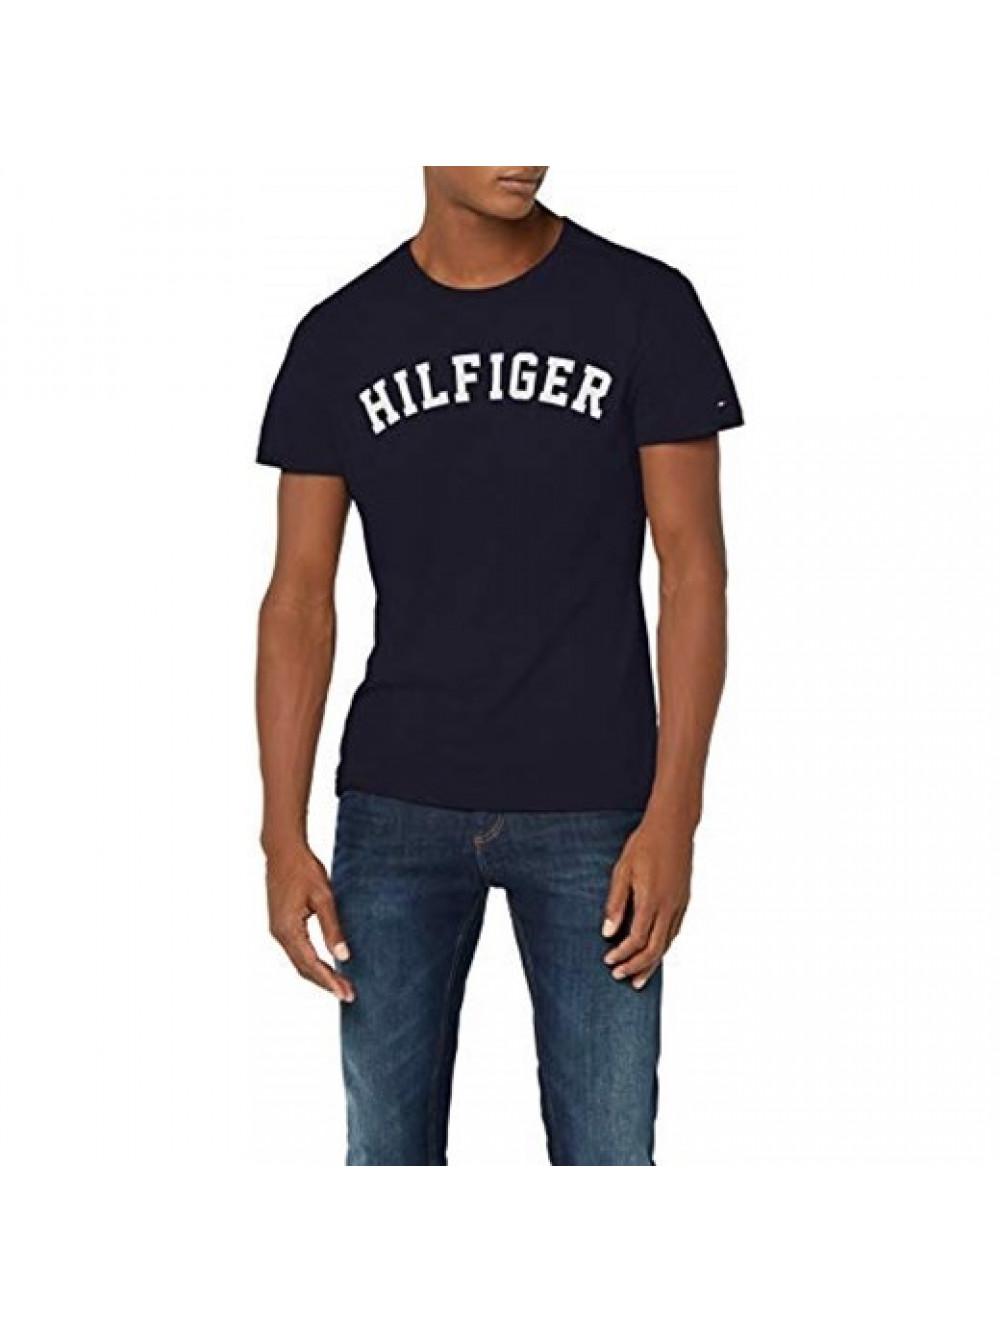 new arrival 0a1f3 5487a Herren T-Shirt Tommy Hilfiger SS TEE LOGO Navy